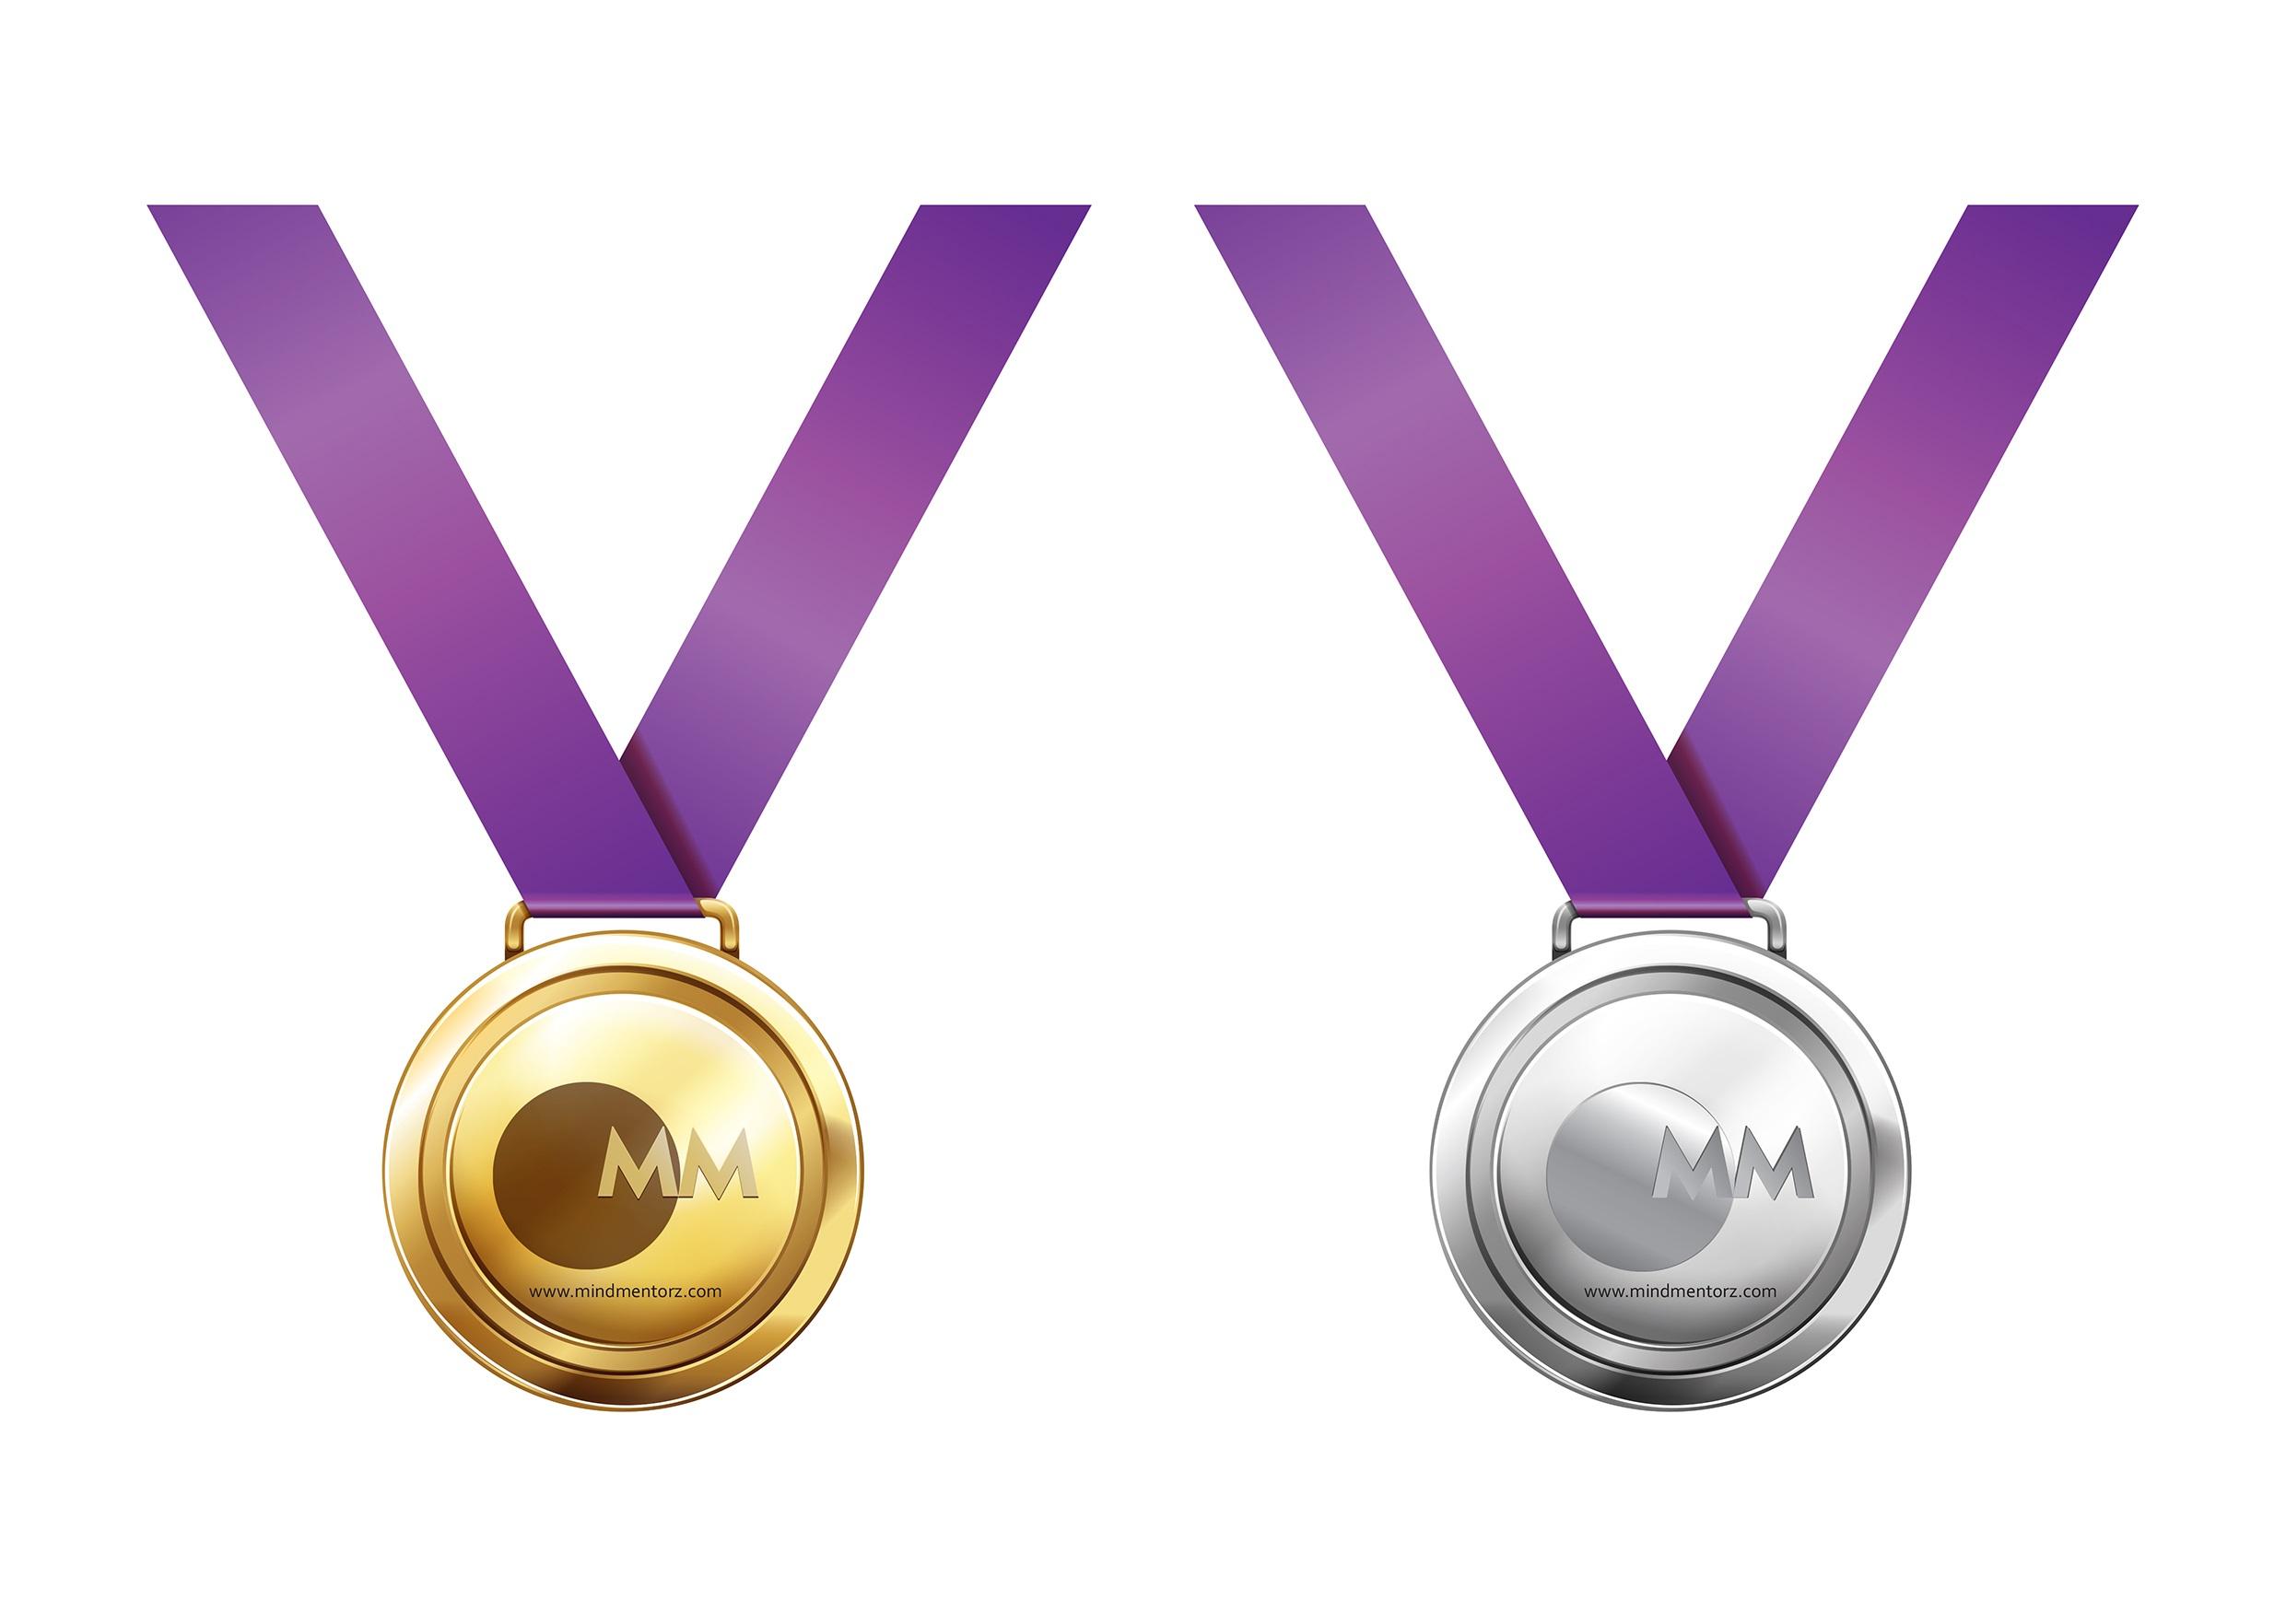 Mind Mentorz Medal Design